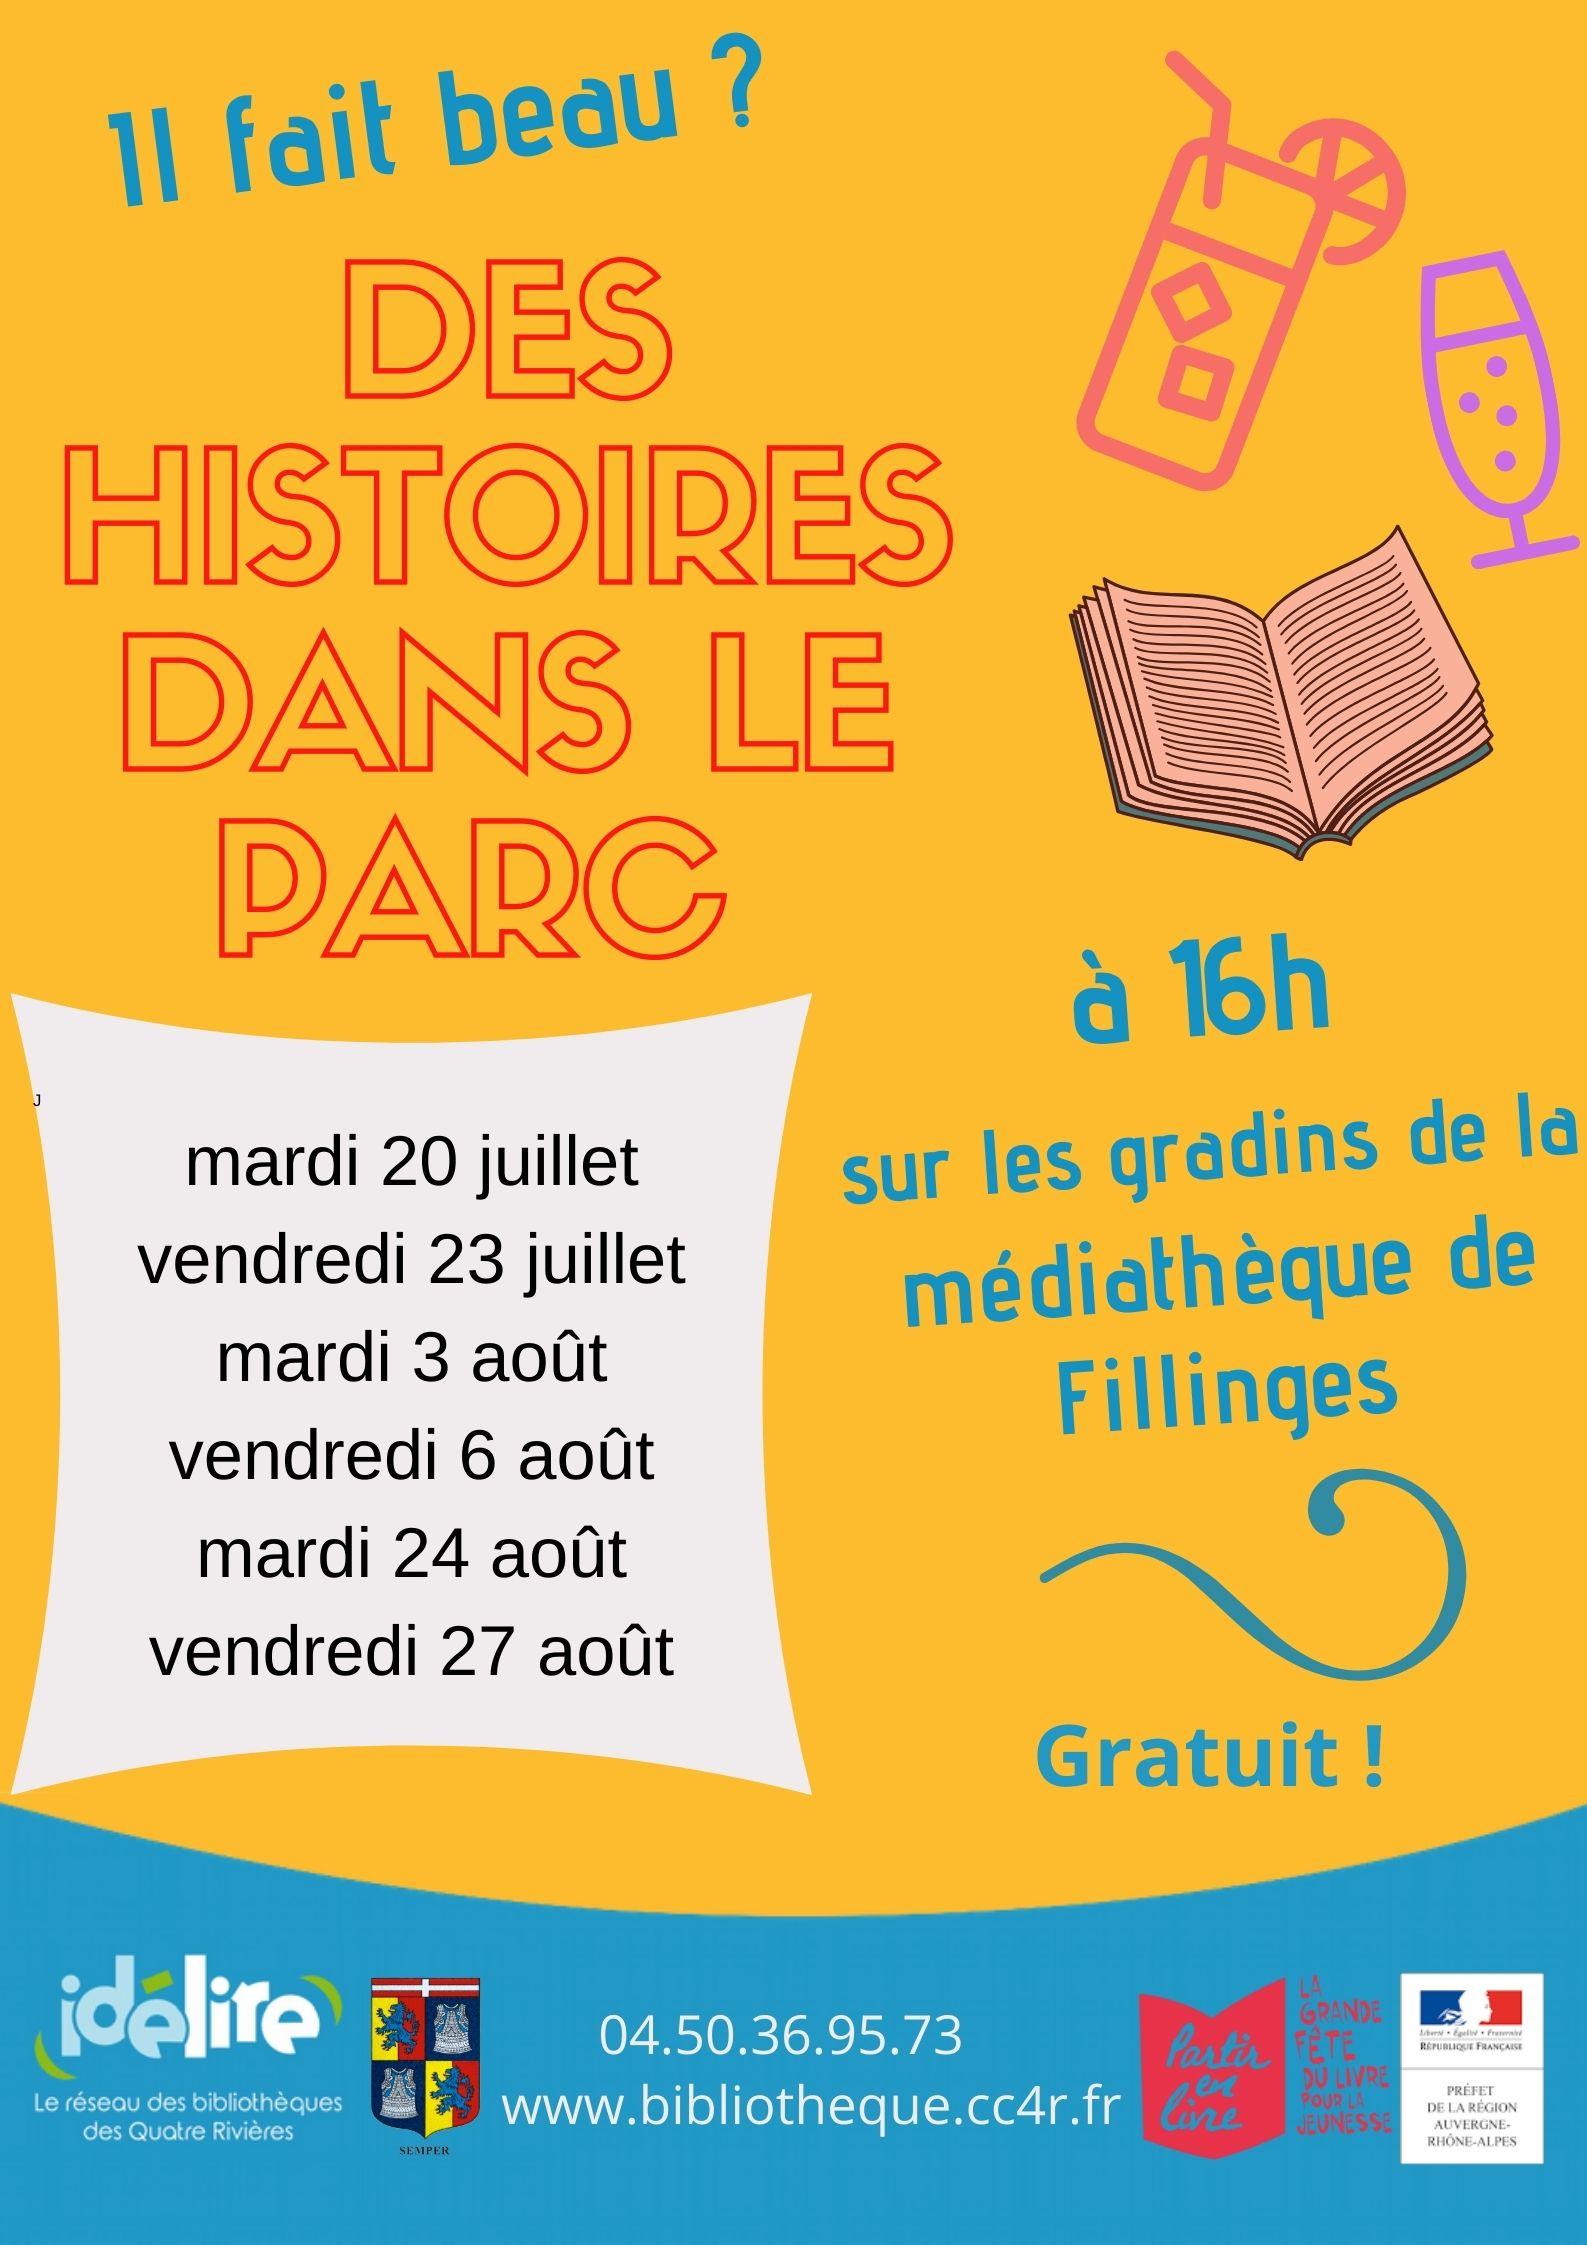 des_histoires_dans_le_parc_Fillinges.jpg